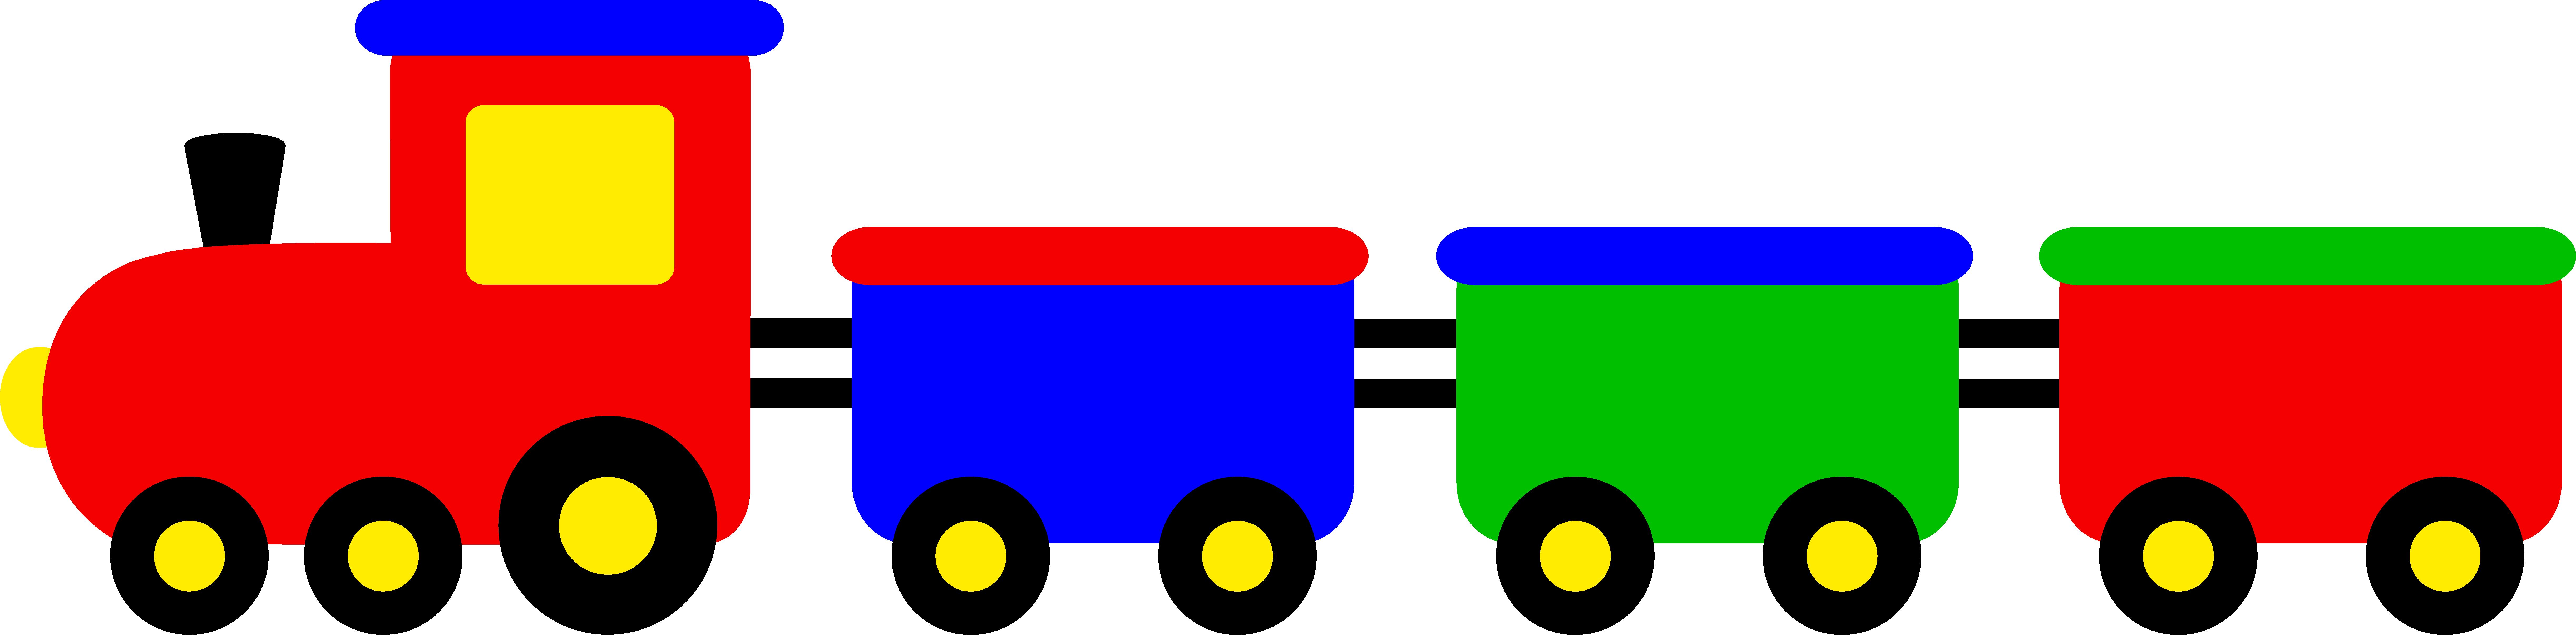 Clipart Train-clipart train-6